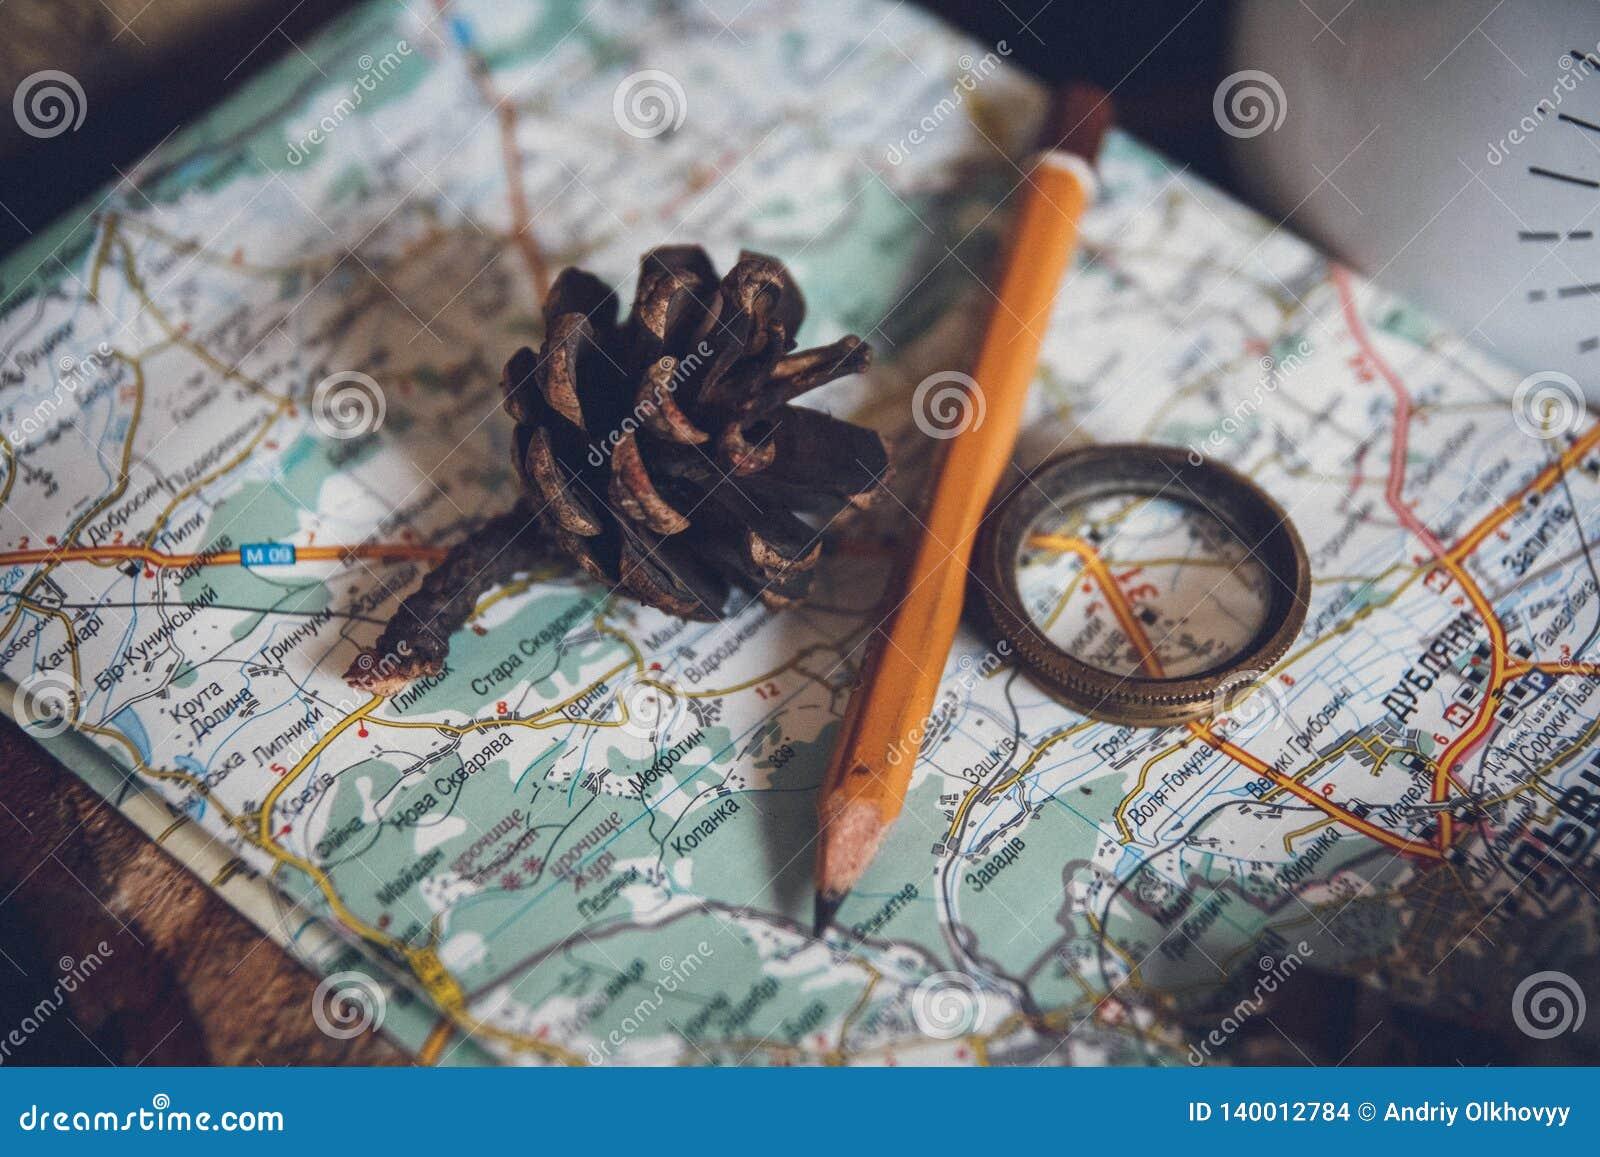 Le concept de voyage, la vie objecte toujours la clé, le petit pain de papier, le signe à la maison, la loupe, la boussole et la